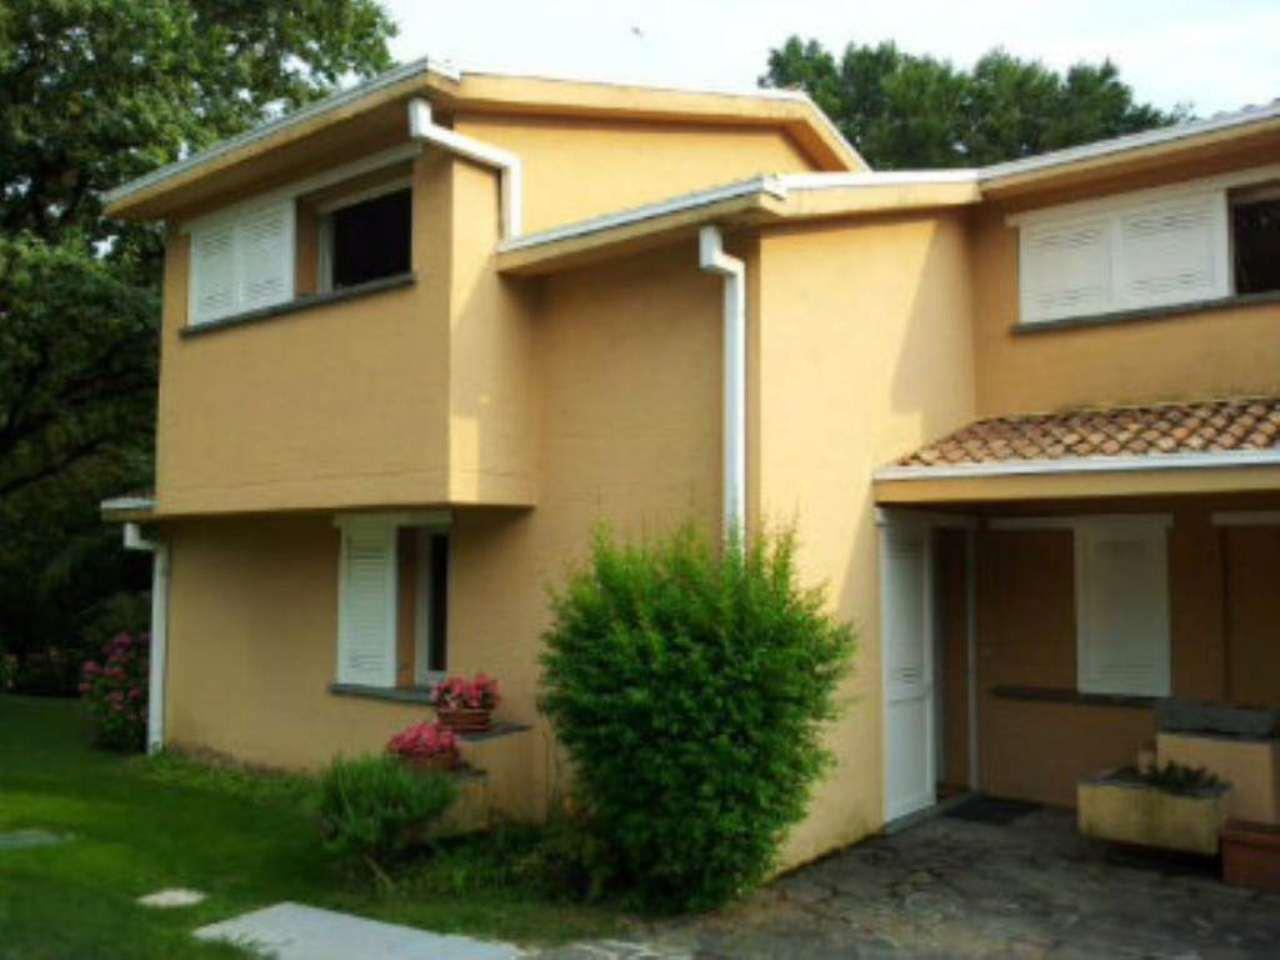 Soluzione Semindipendente in vendita a Almenno San Bartolomeo, 5 locali, prezzo € 290.000 | CambioCasa.it